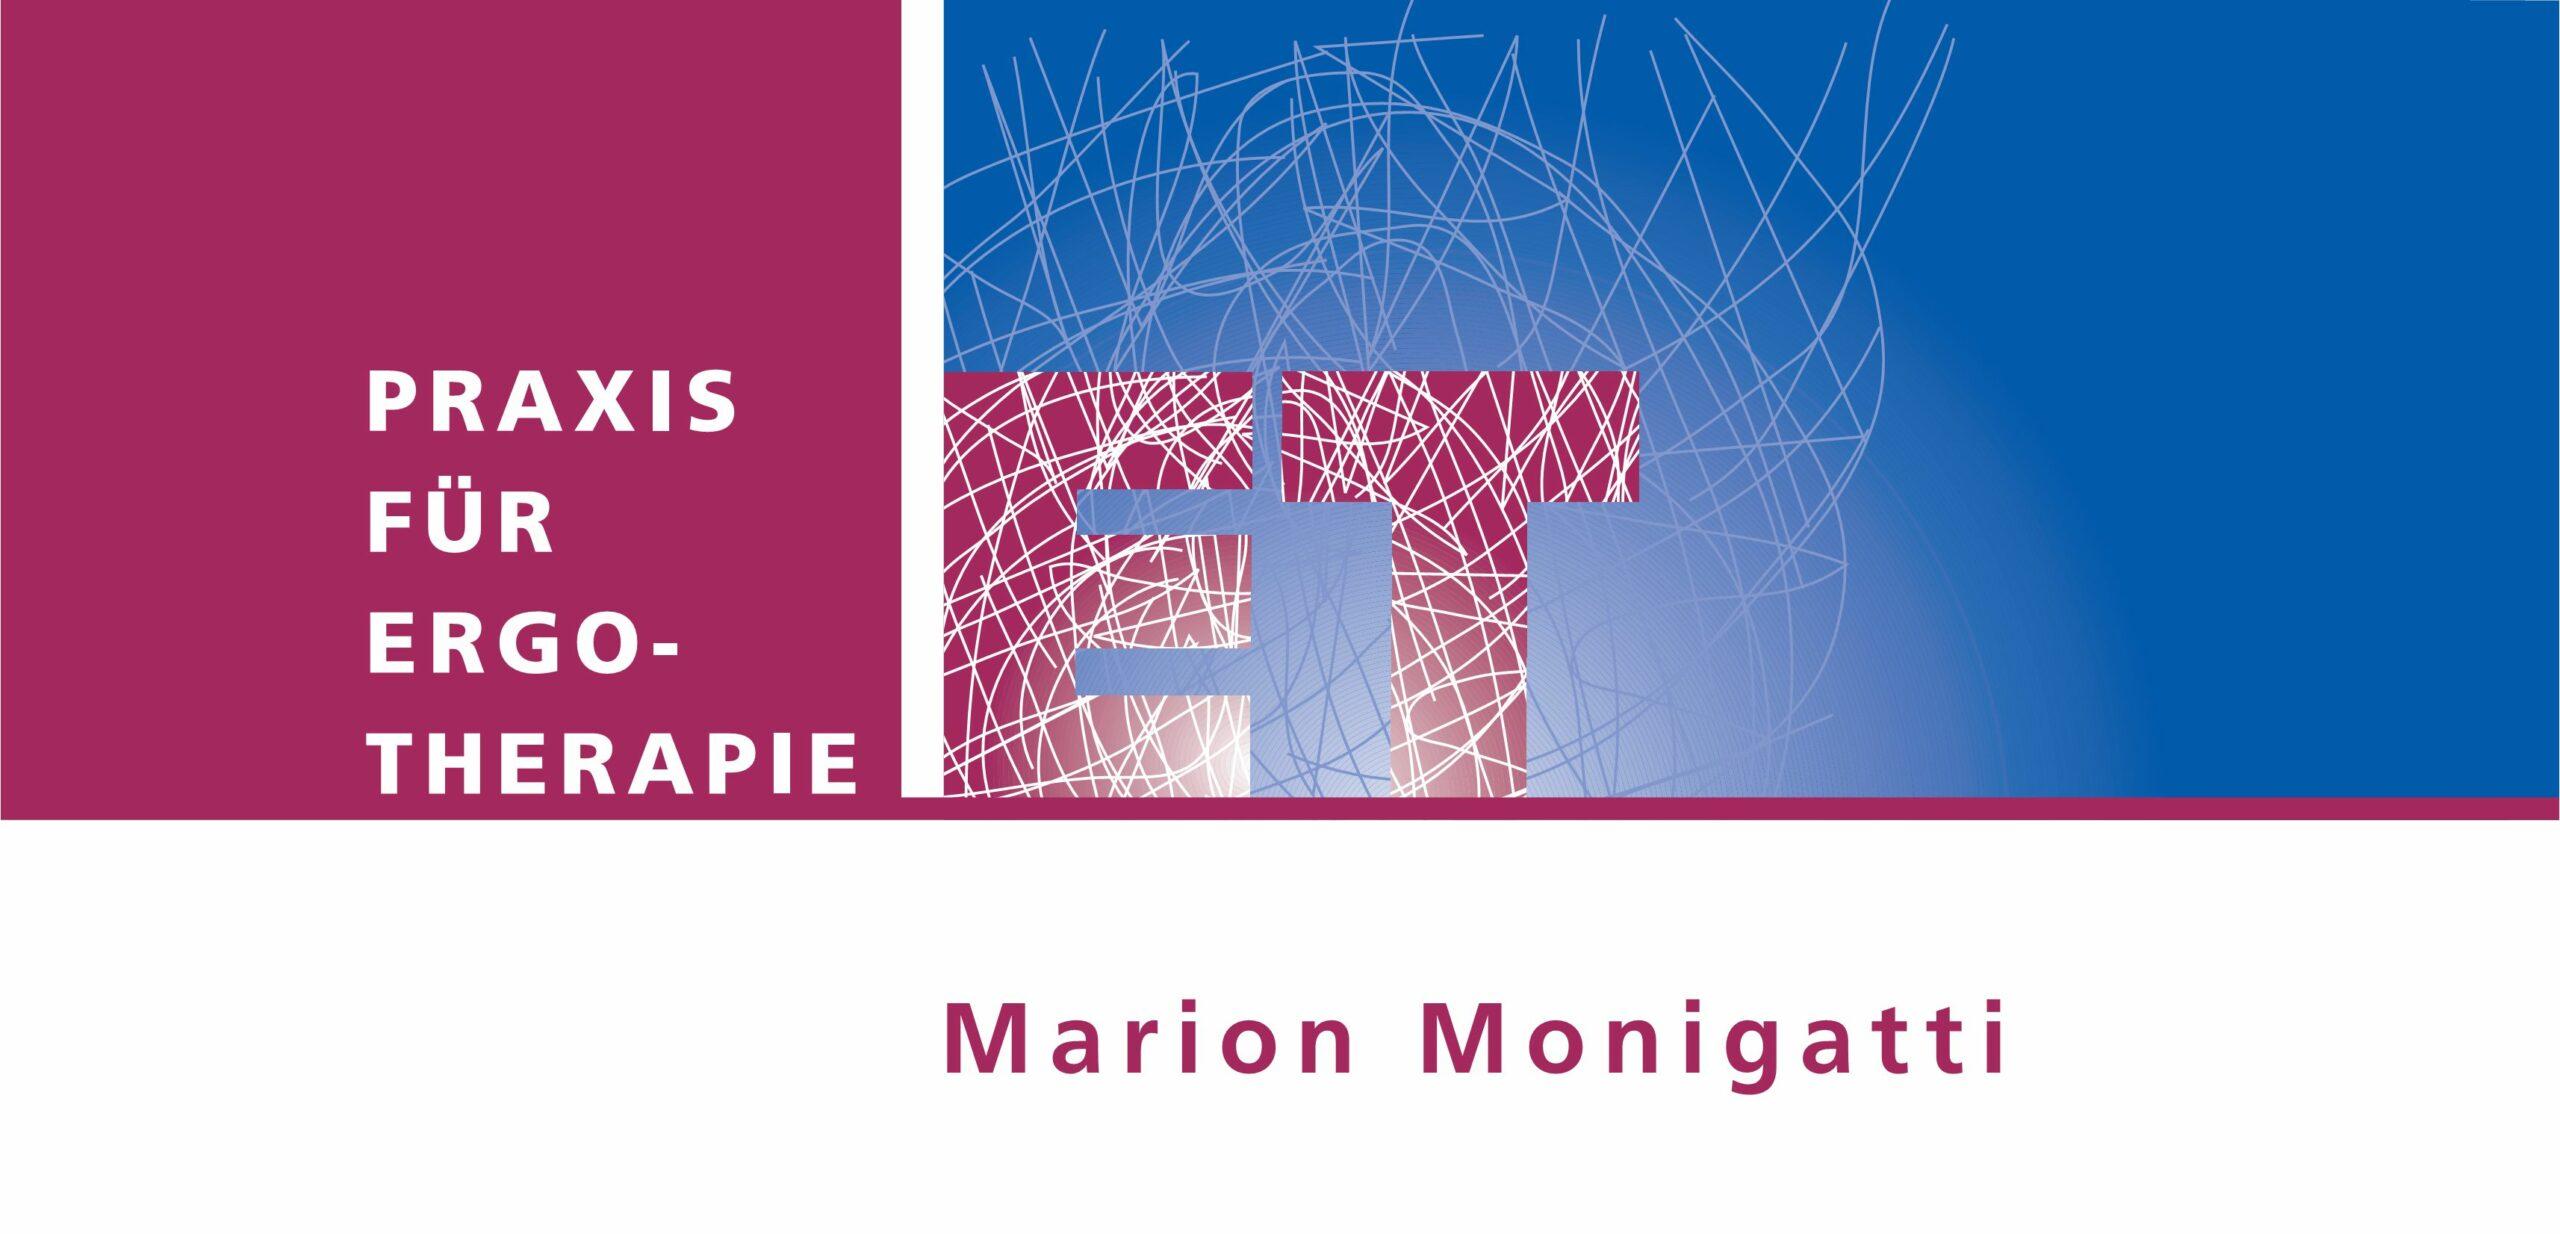 Praxis für Ergotherapie Marion Monigatti